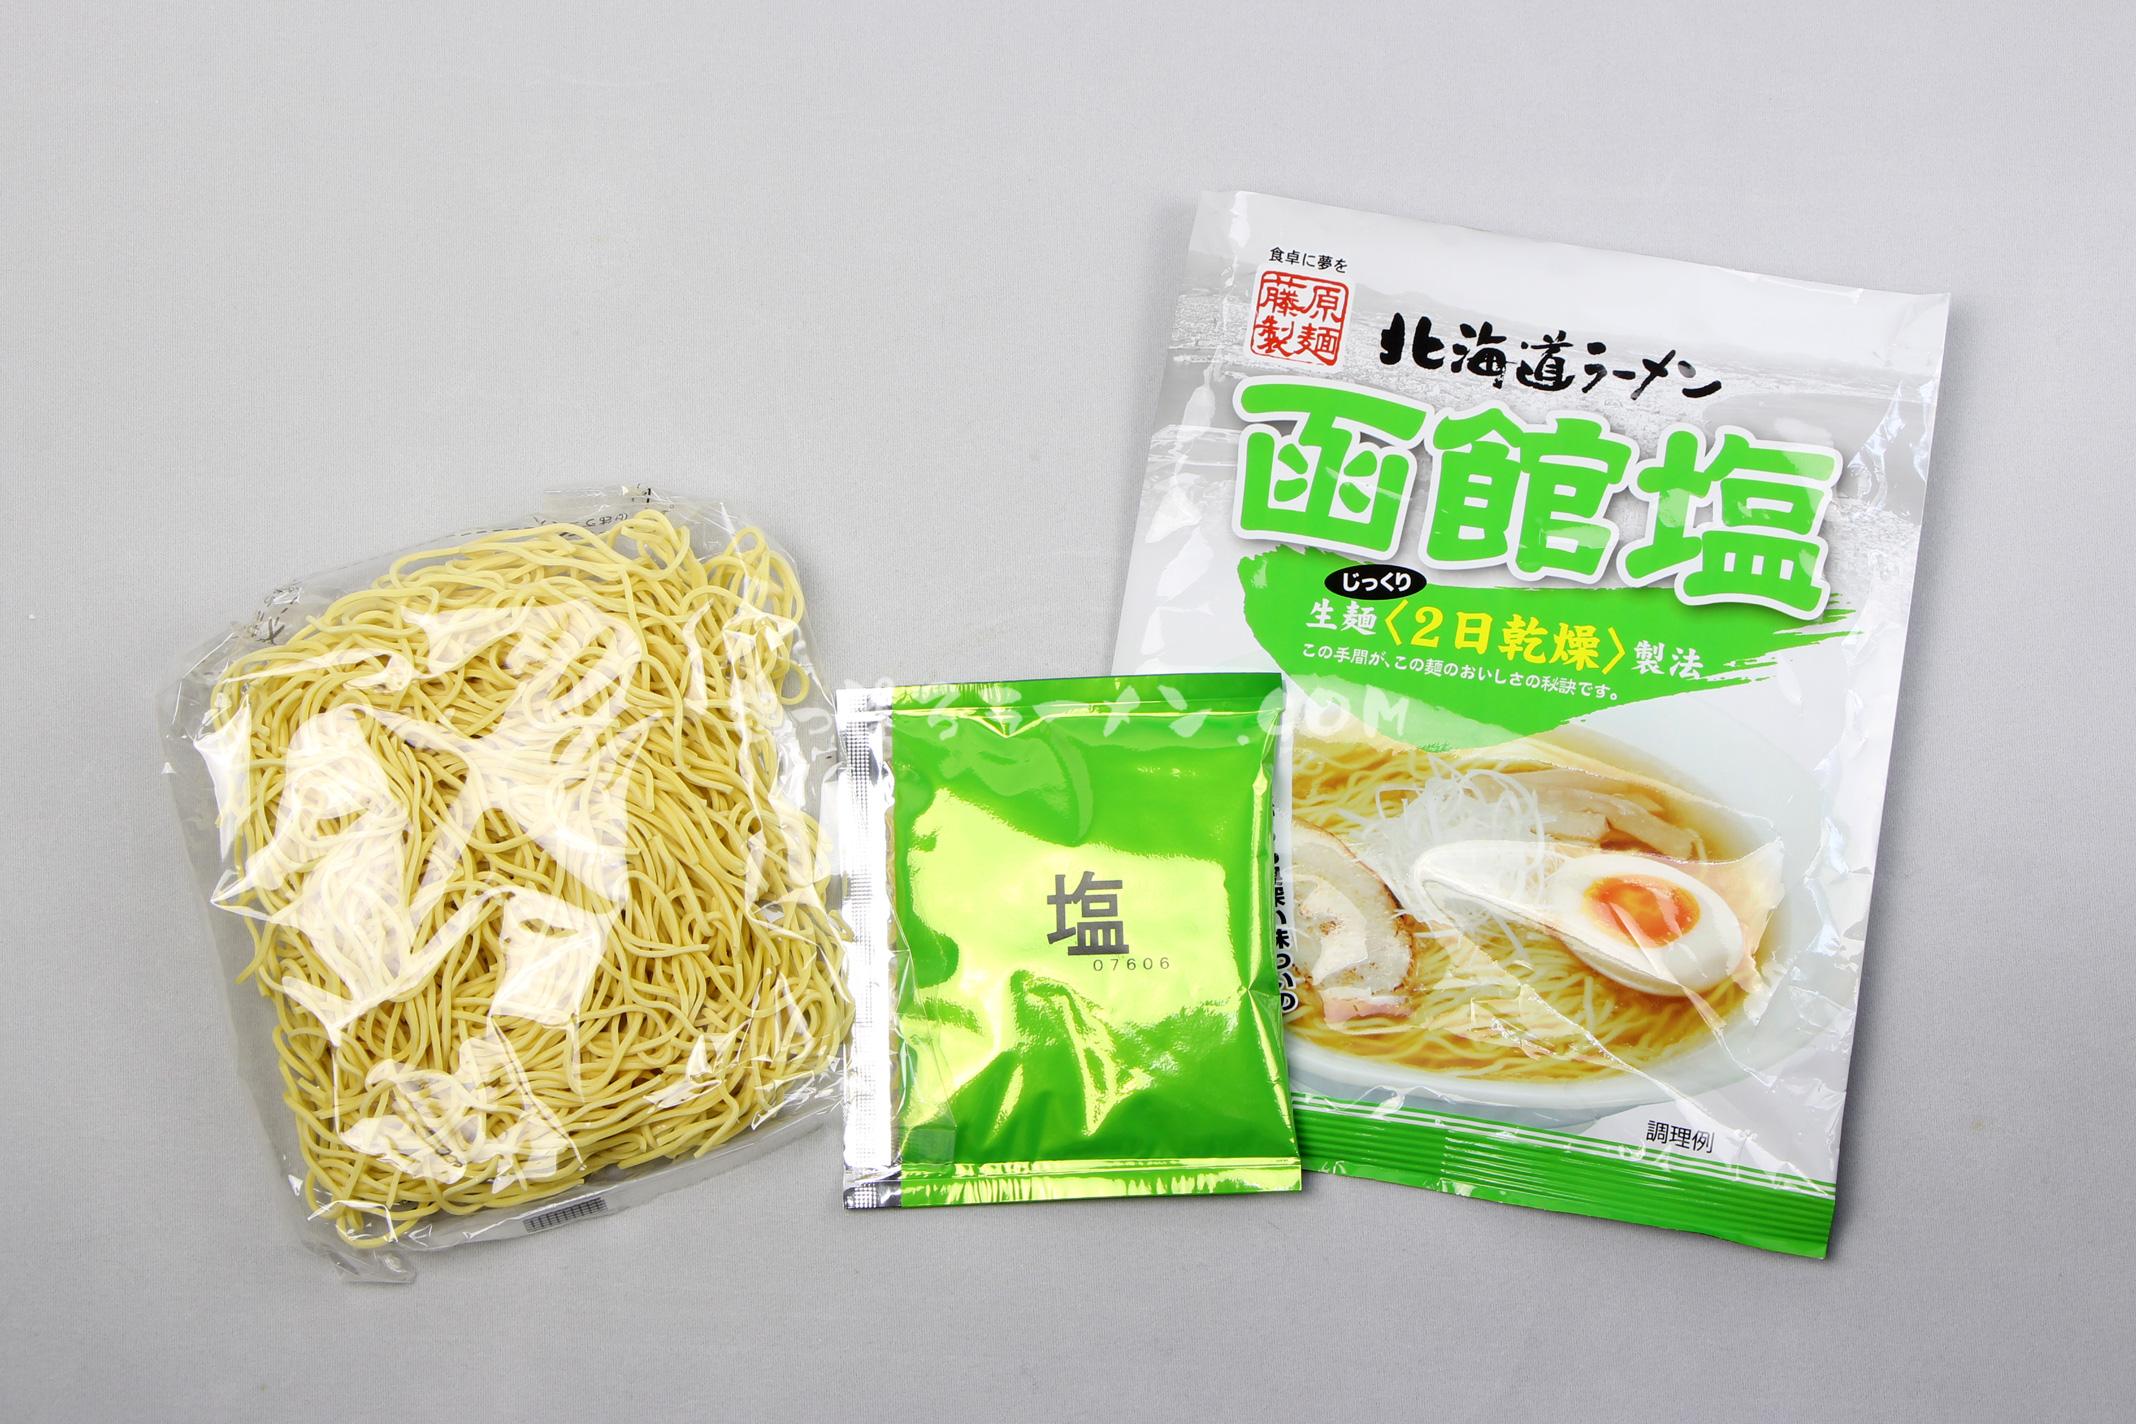 「北海道ラーメン函館塩」(藤原製麺)の麺とスープ